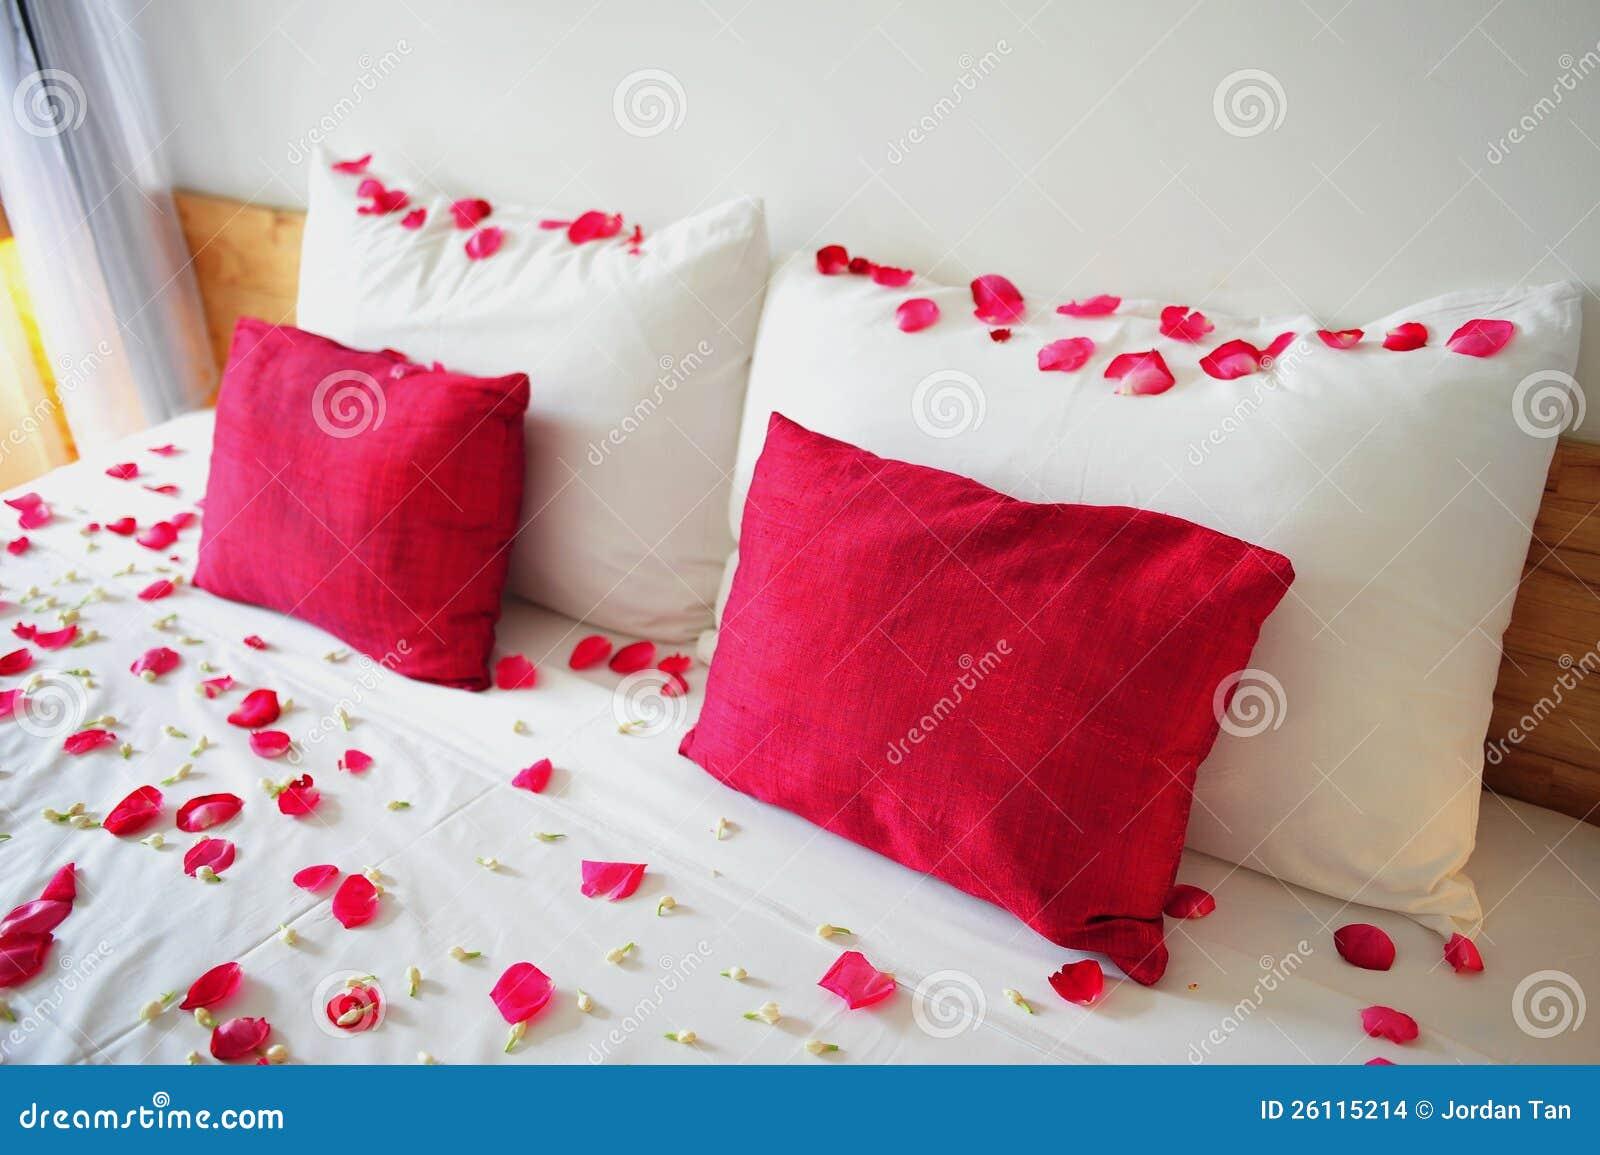 Camere Da Letto Romantiche Con Petali Di Rosa : La base ha riempito di petali di rosa fotografia stock immagine